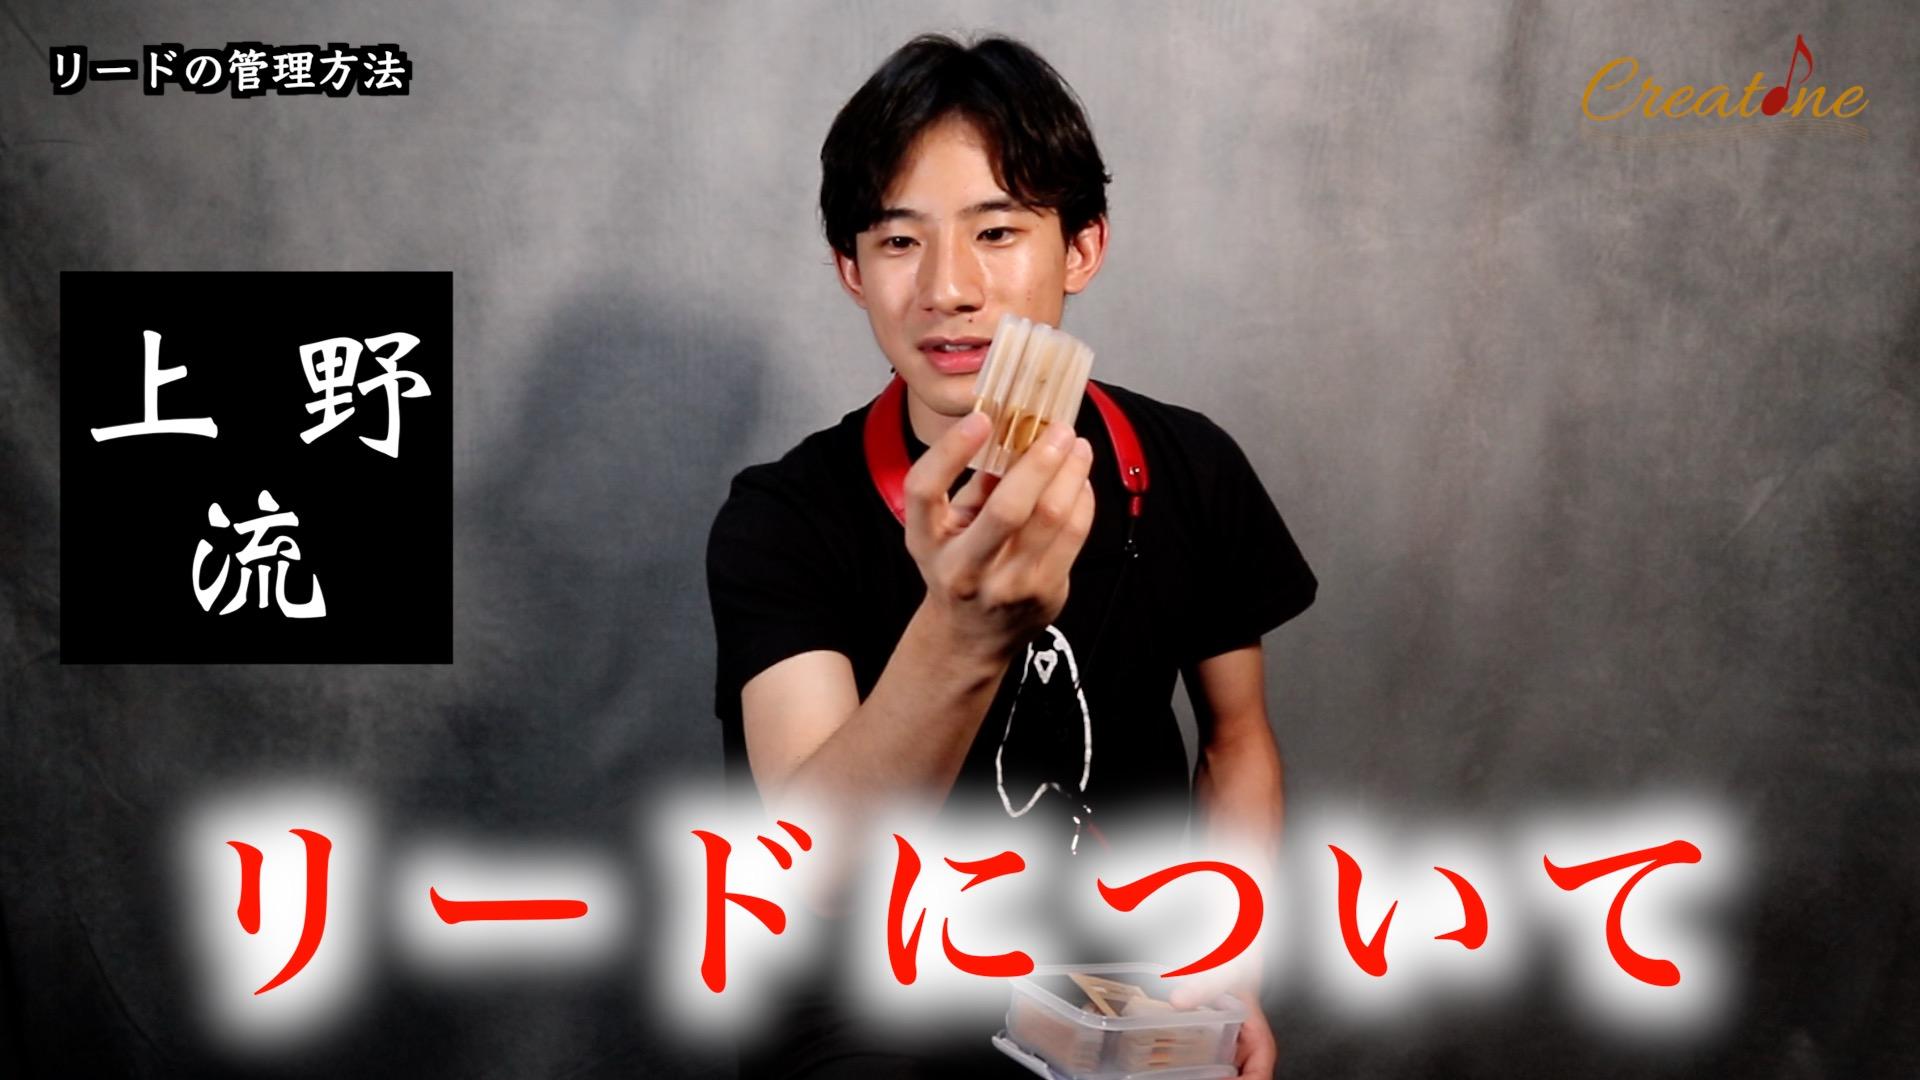 上野耕平20 リードの管理方法 サムネ